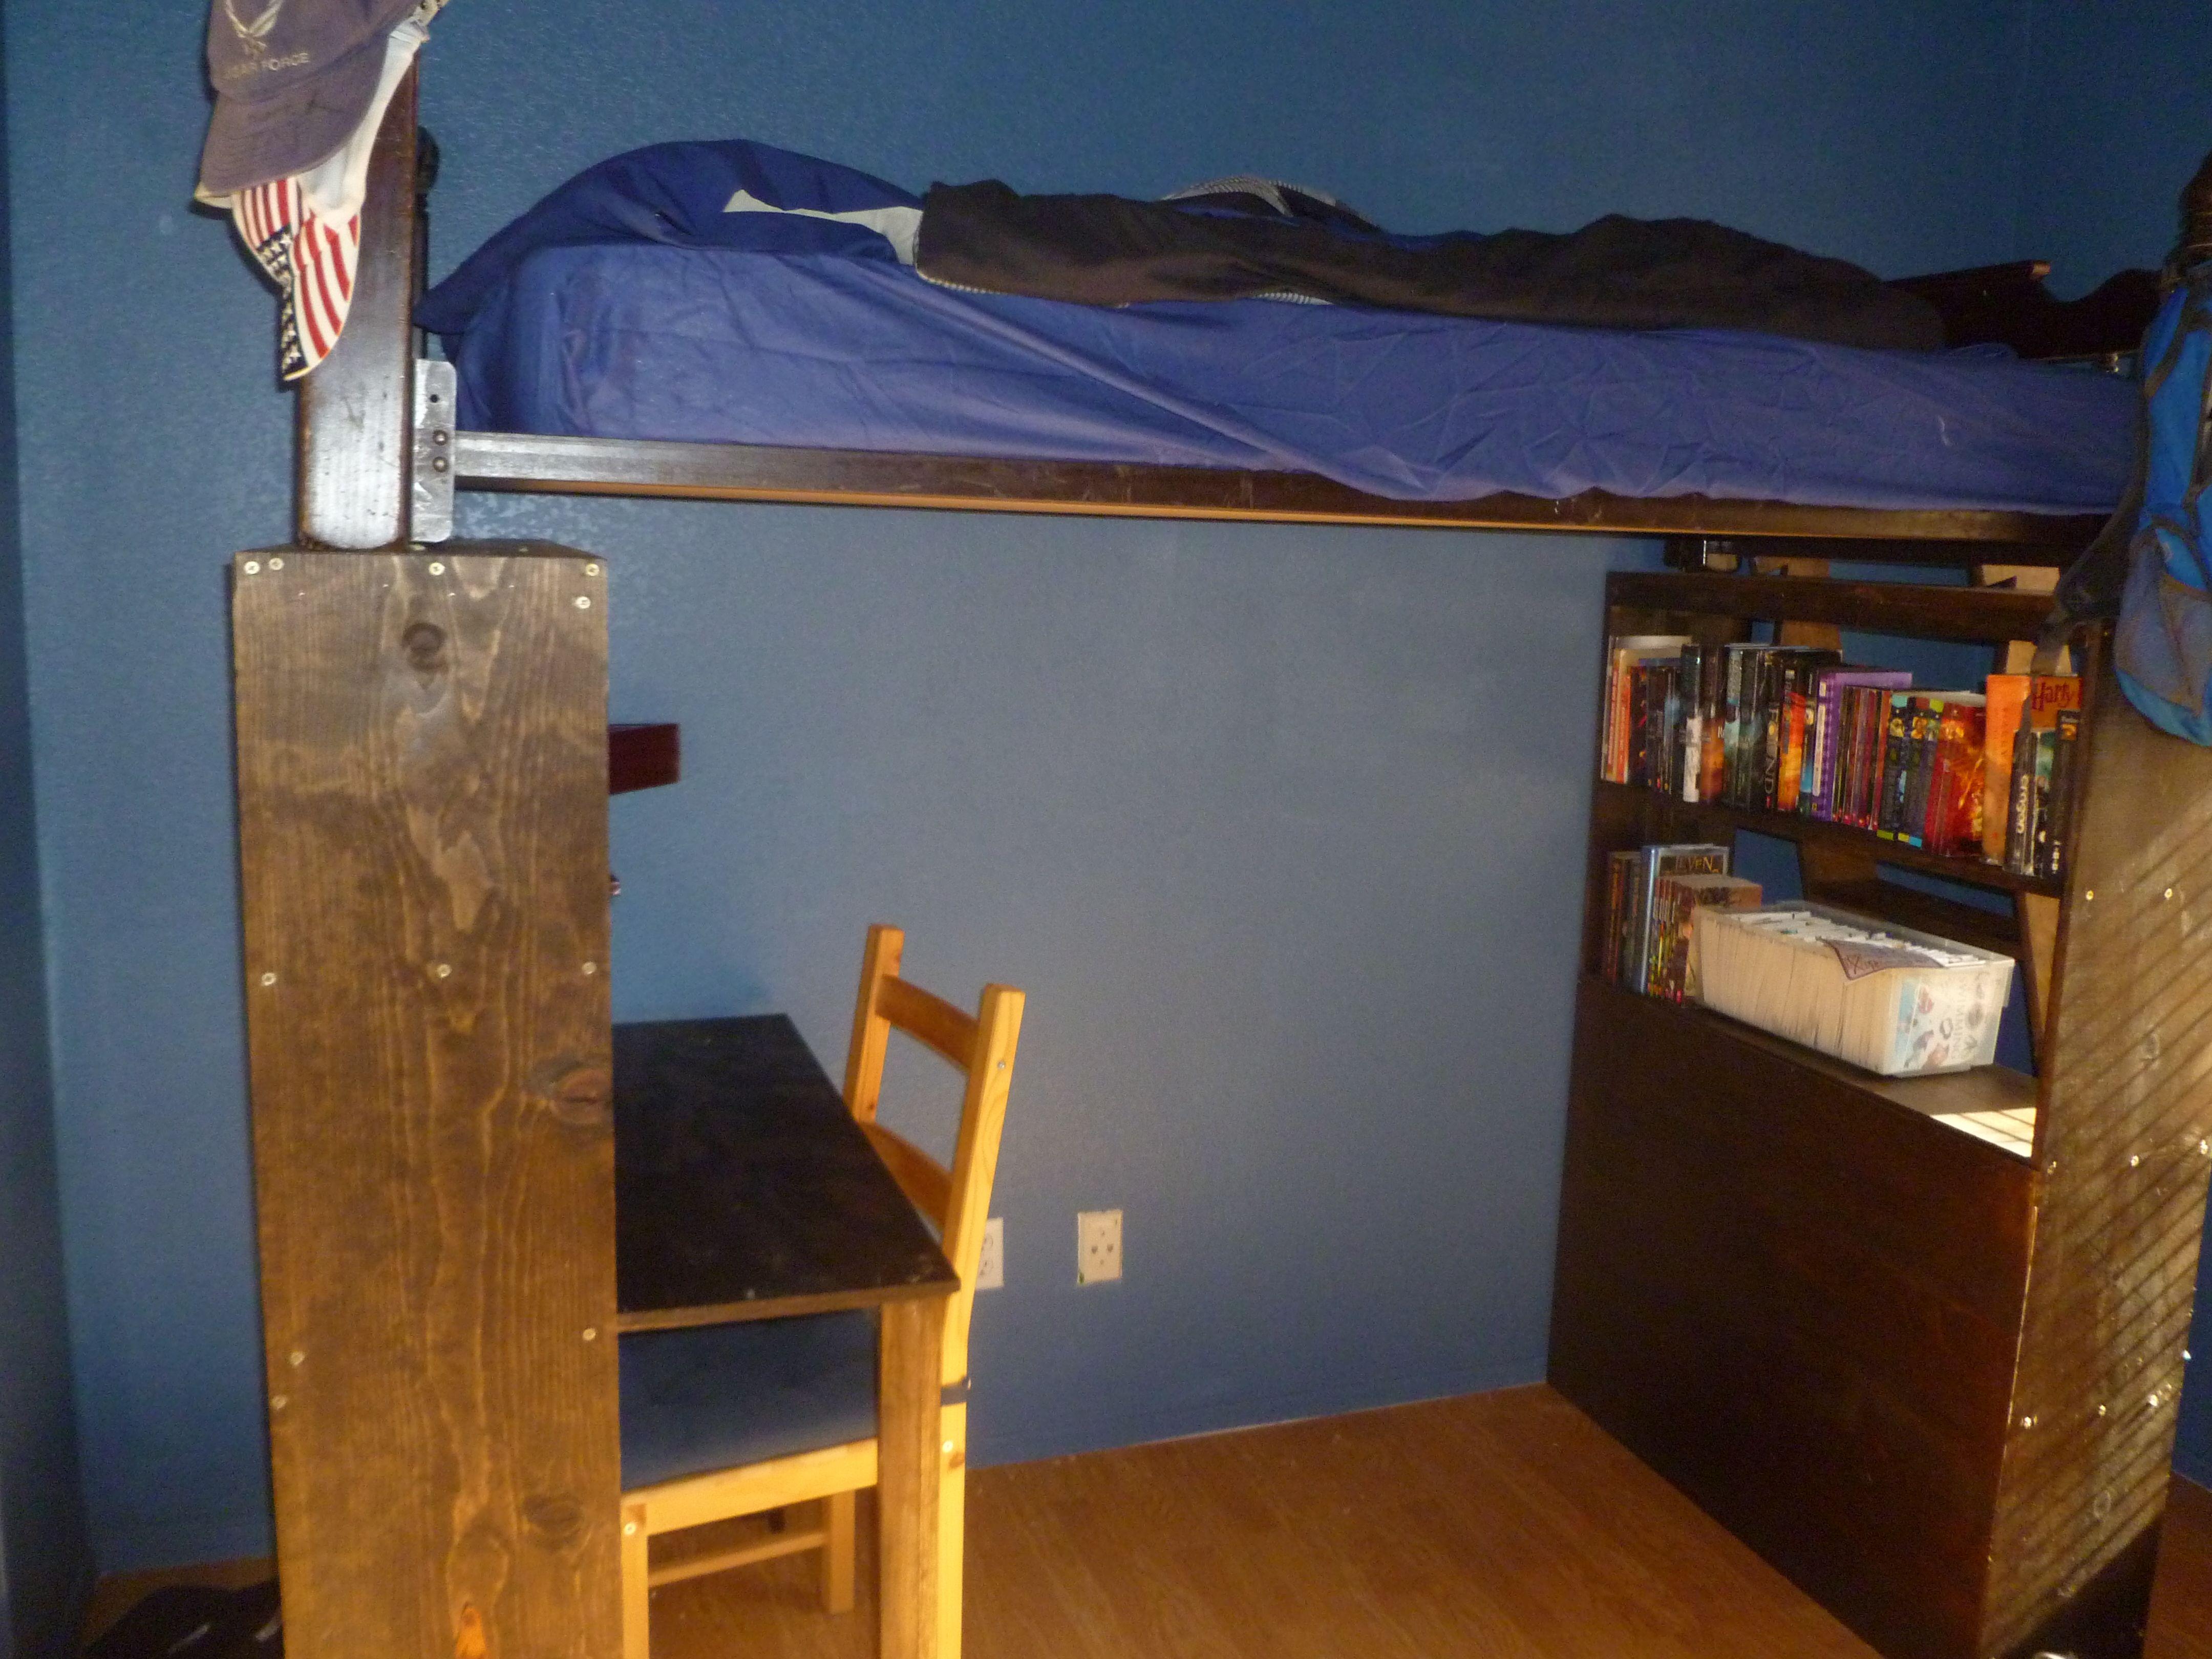 DeskBook Shelf Loft Bed Risers Of Finished Look For The - Furniture risers for desk